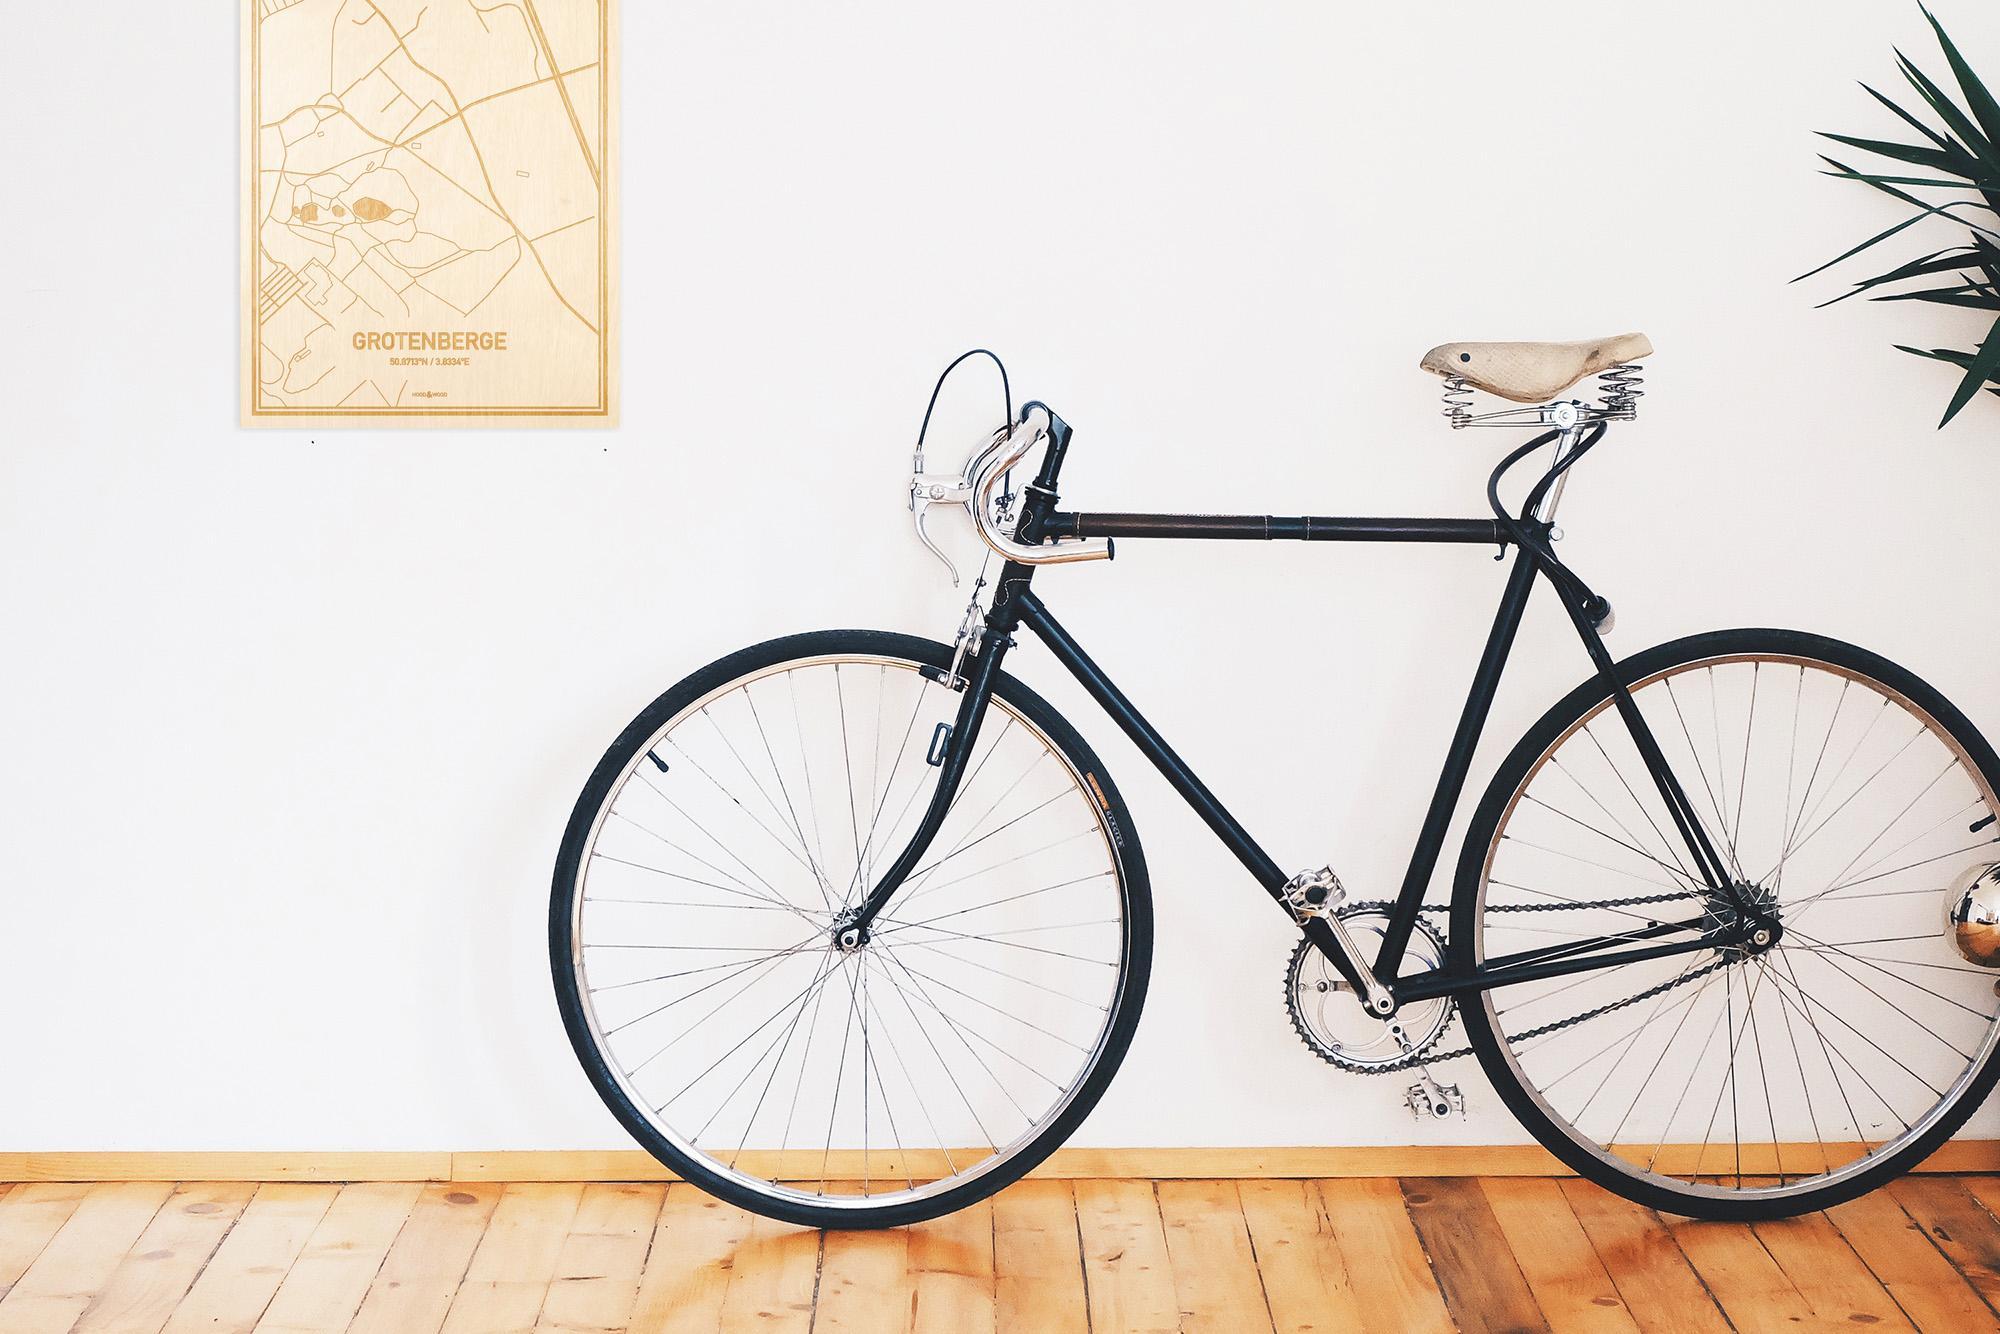 Een snelle fiets in een uniek interieur in Oost-Vlaanderen  met mooie decoratie zoals de plattegrond Grotenberge.